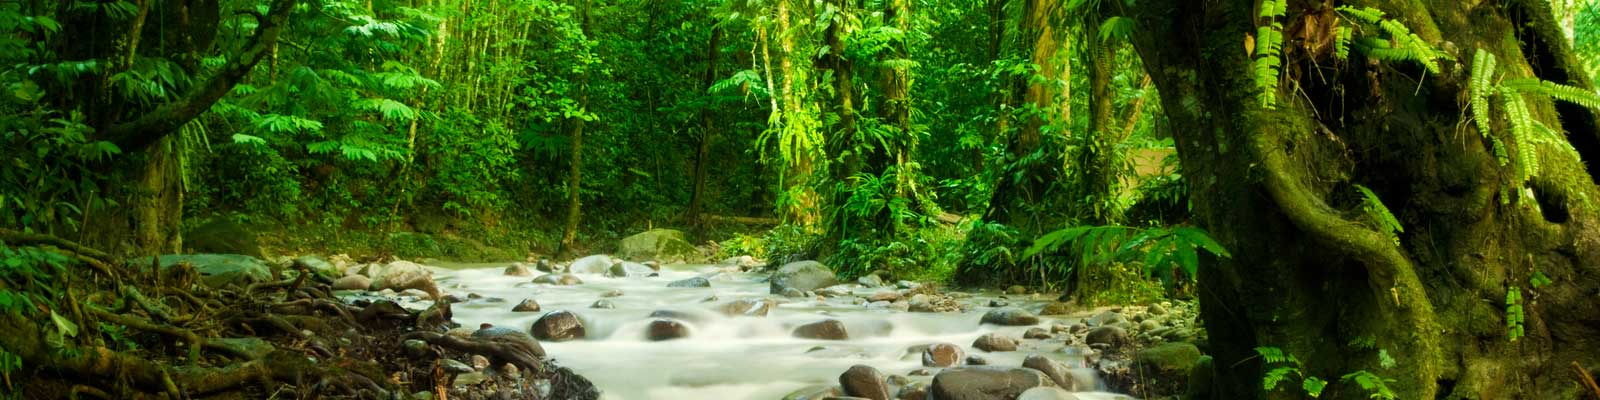 Cachoeira nas Pedras Costa Rica Quartos, Banhos, Mobiliada. Casas para construir.